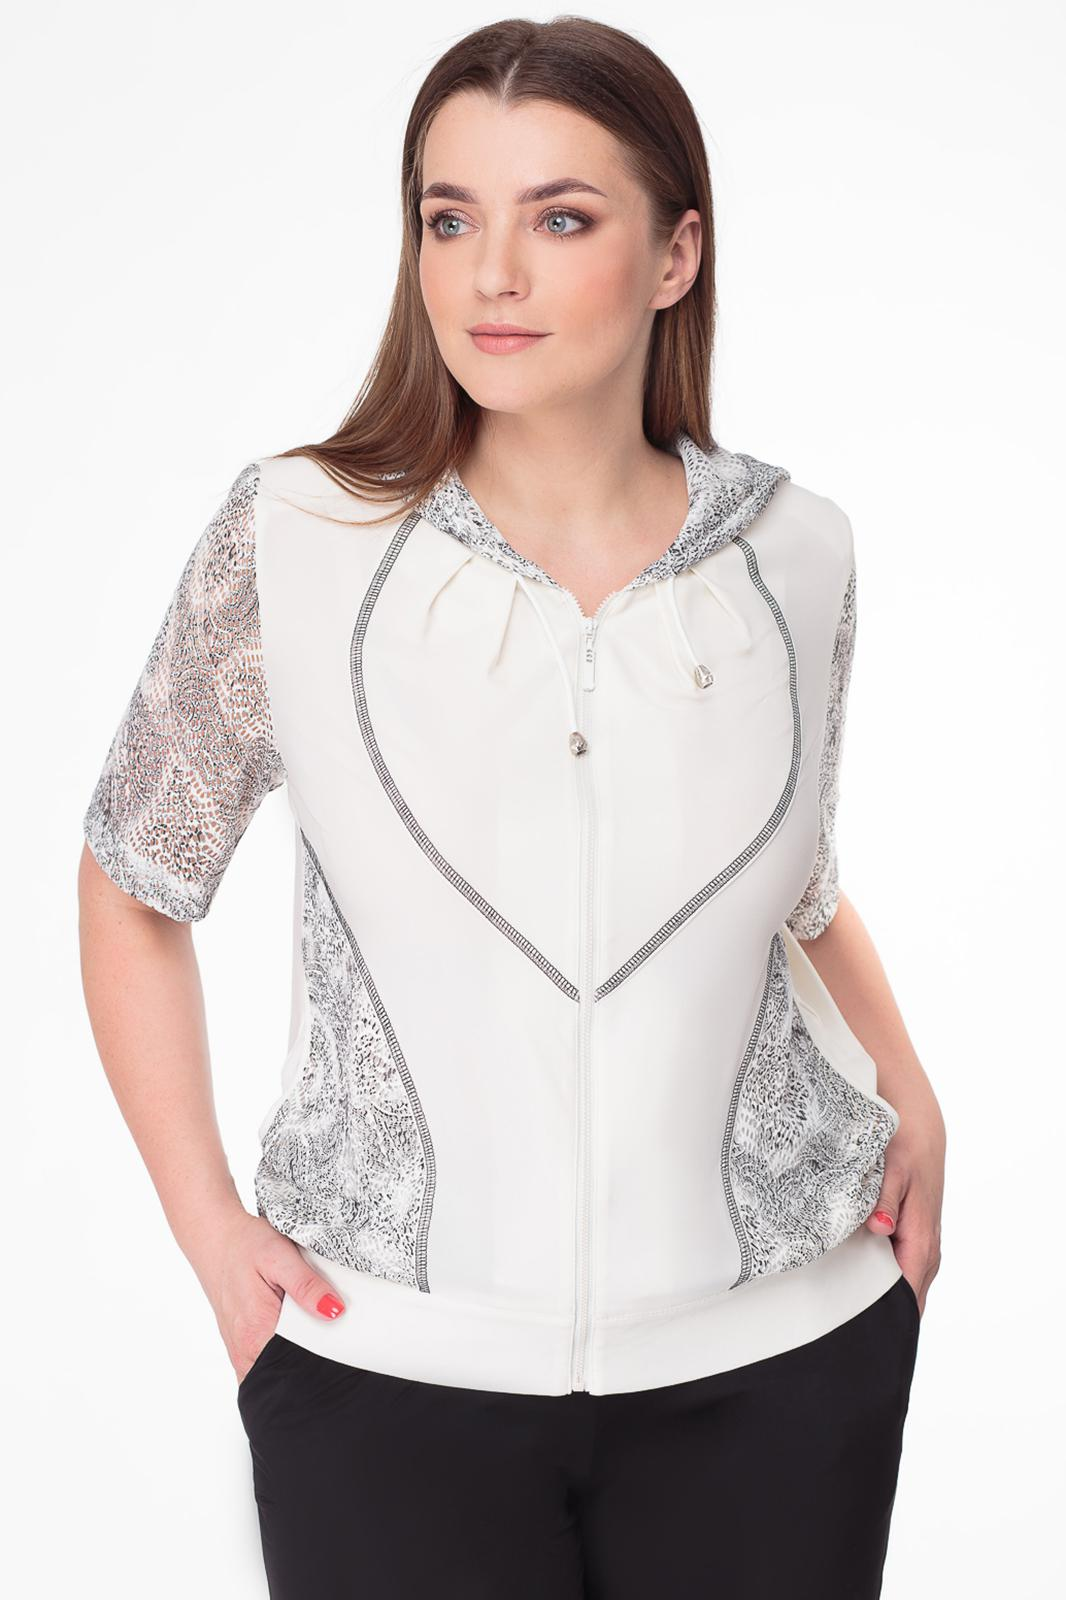 1f92e97bc5d30 Купить блузку большого размера в Минске. Блузки для полных женщин